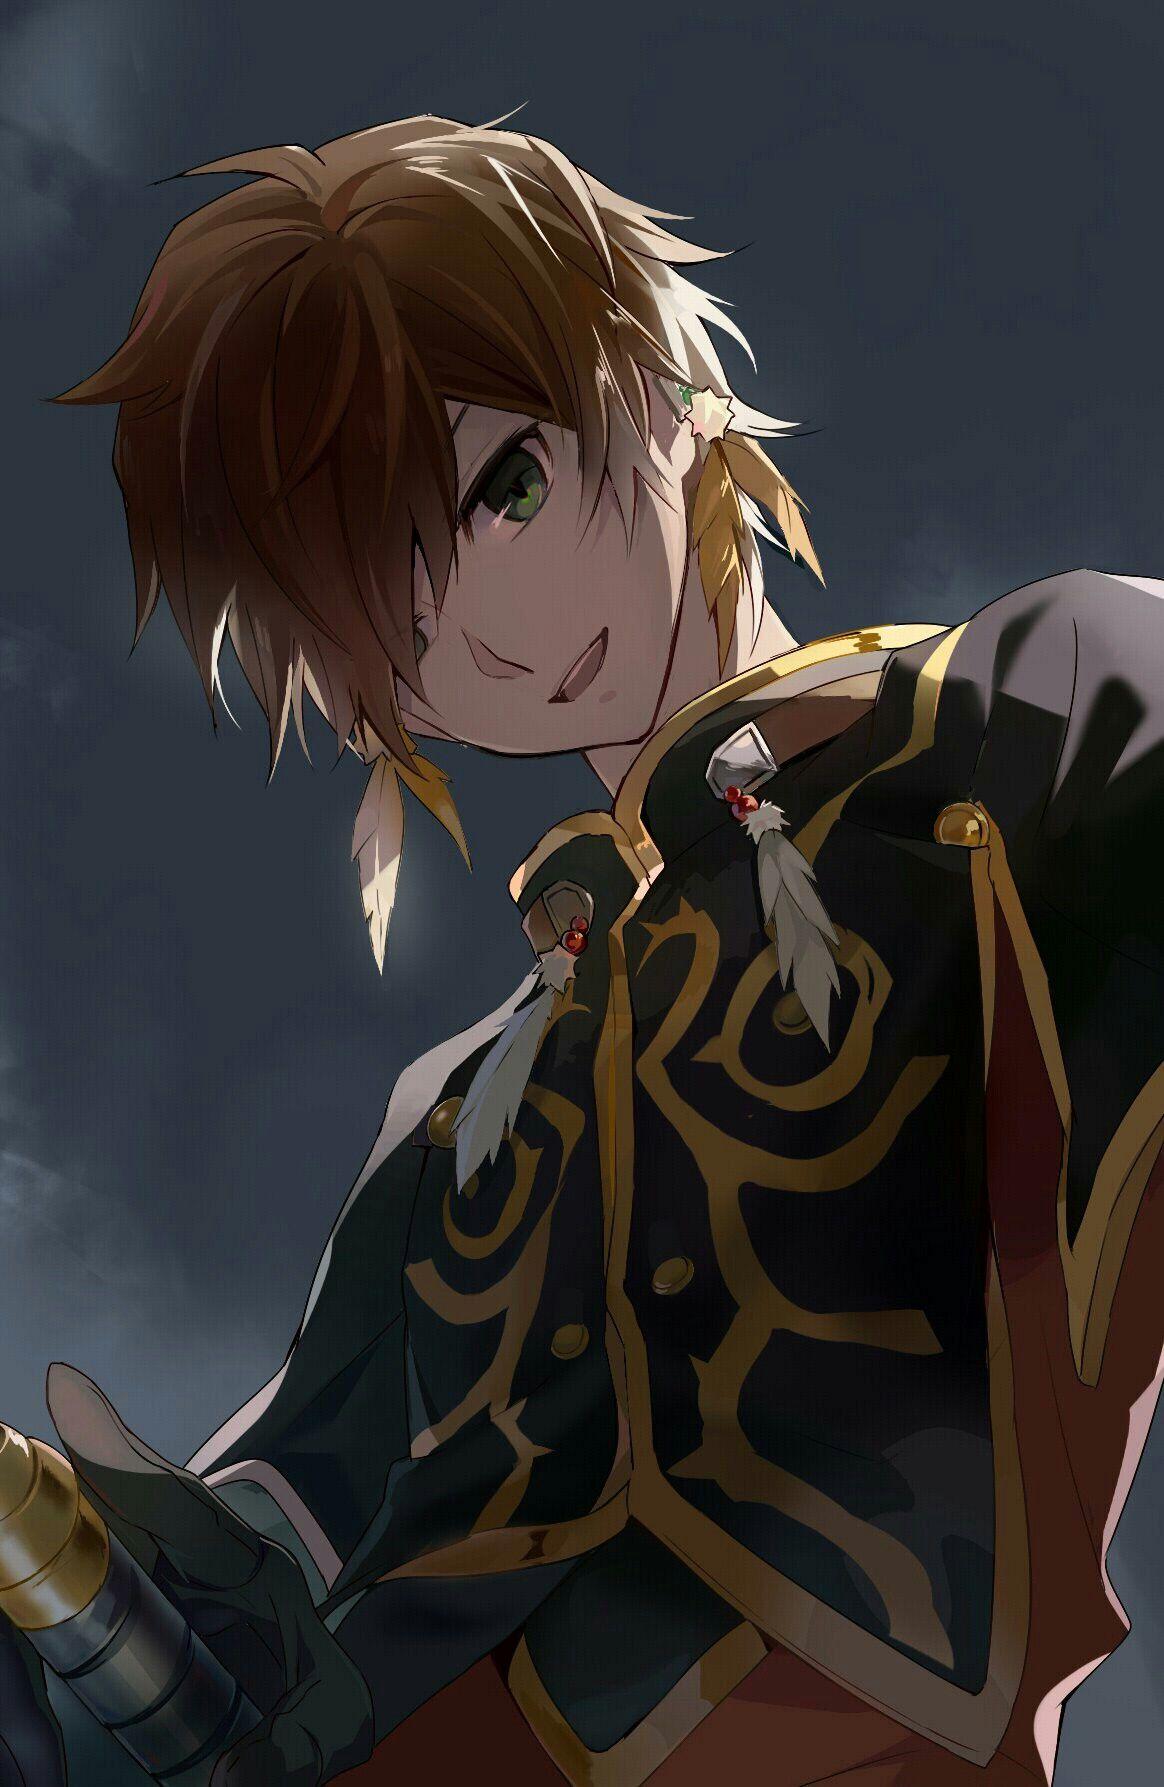 Tales of Zestiria || Sorey / #anime | Cool anime guys, Anime guys, Anime prince